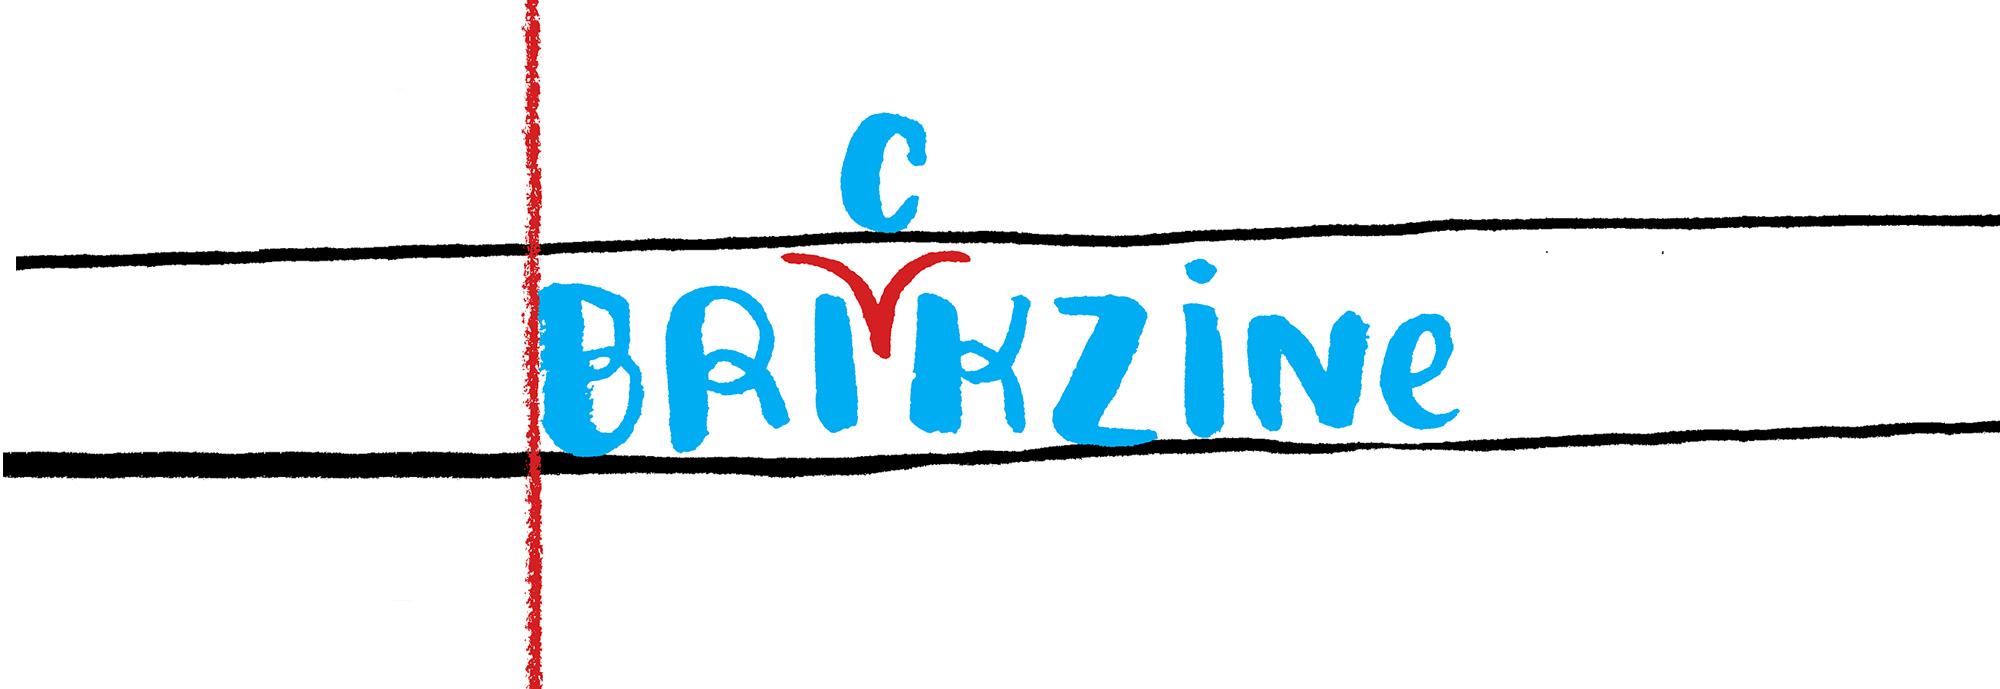 Mali Buvljak i promocija online dječjeg časopisa Brickzine, u nedjelju na Trgu Svete Barbare